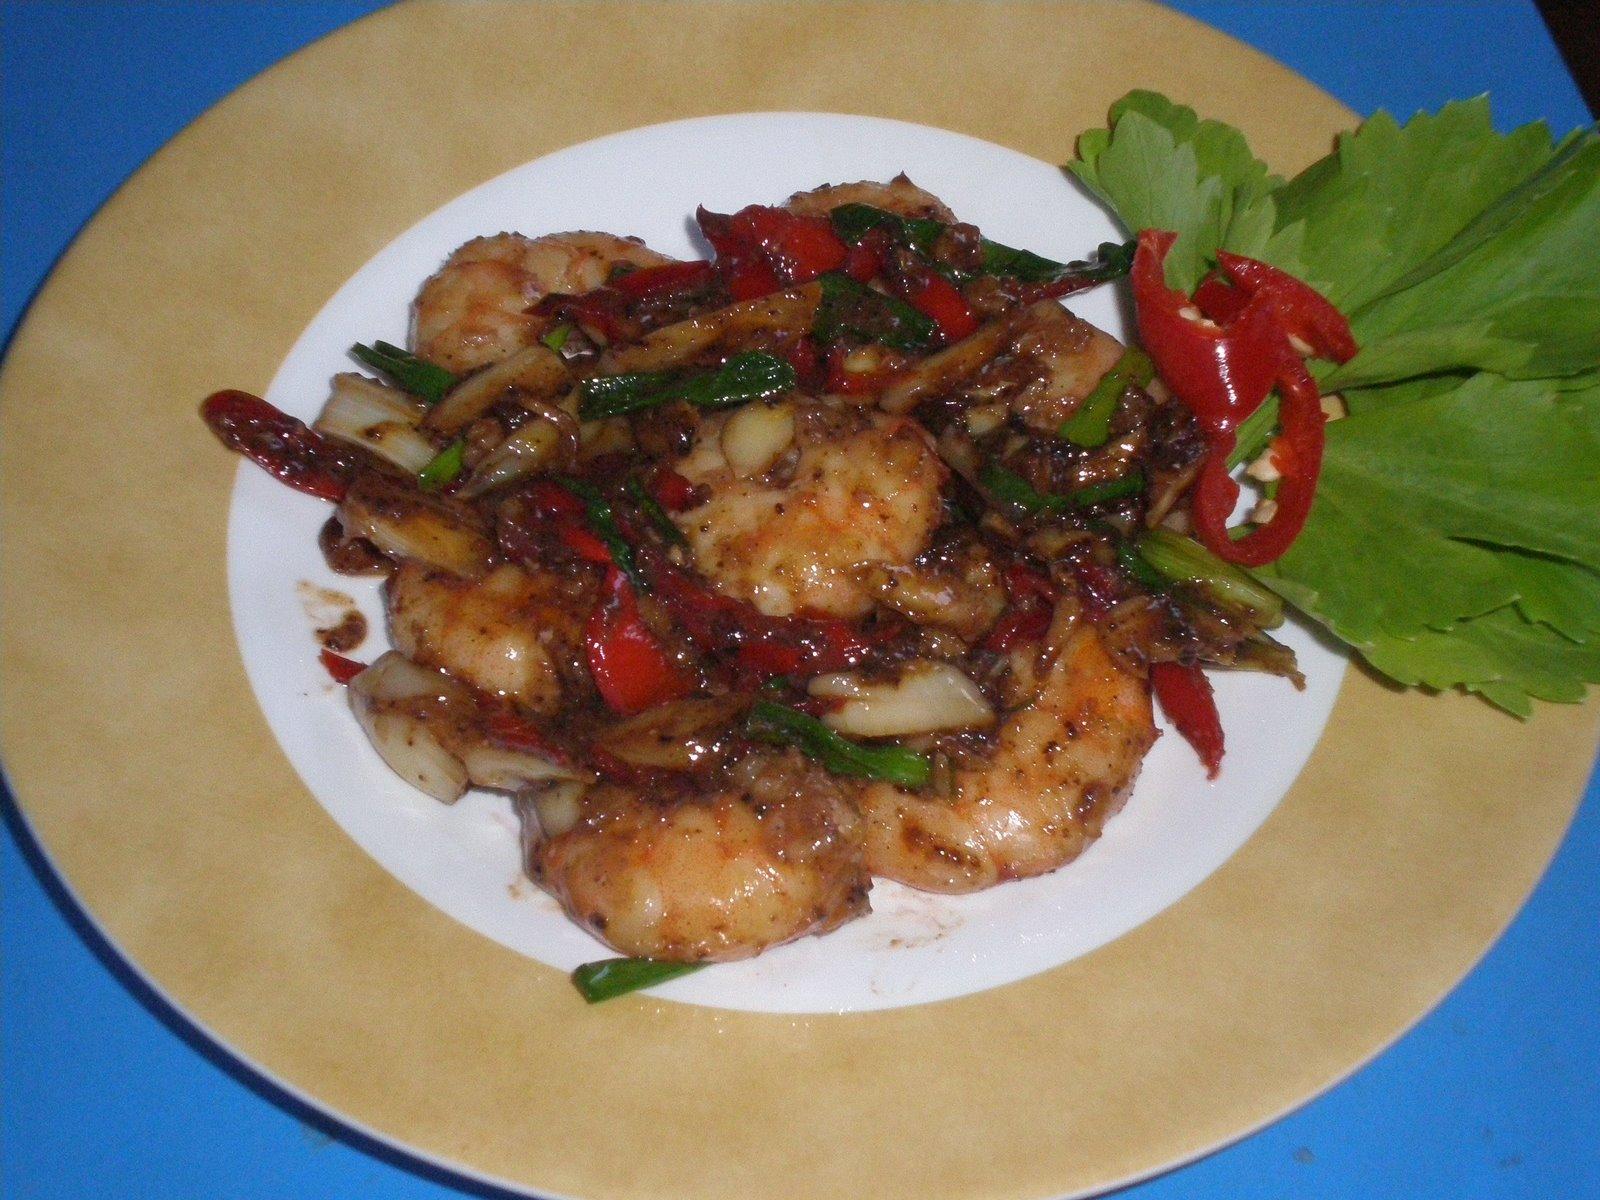 Resep Masakan Indonesia - Udang Goreng Saus Tiram